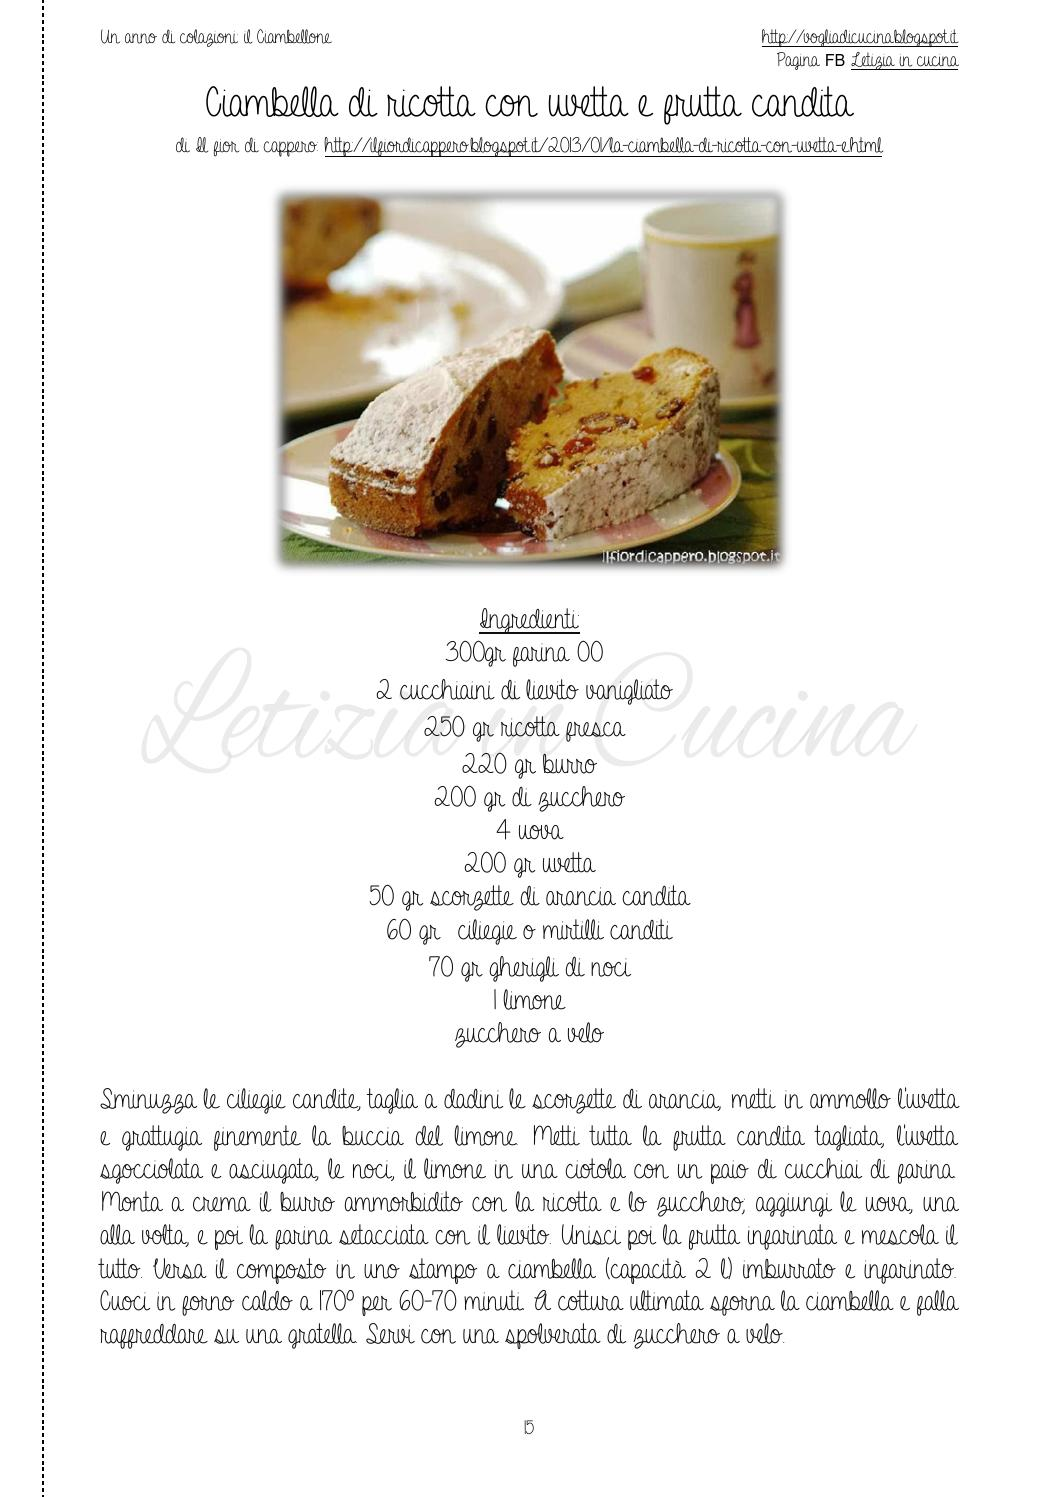 Un anno di colazioni: il Ciambellone by Letizia in Cucina - issuu